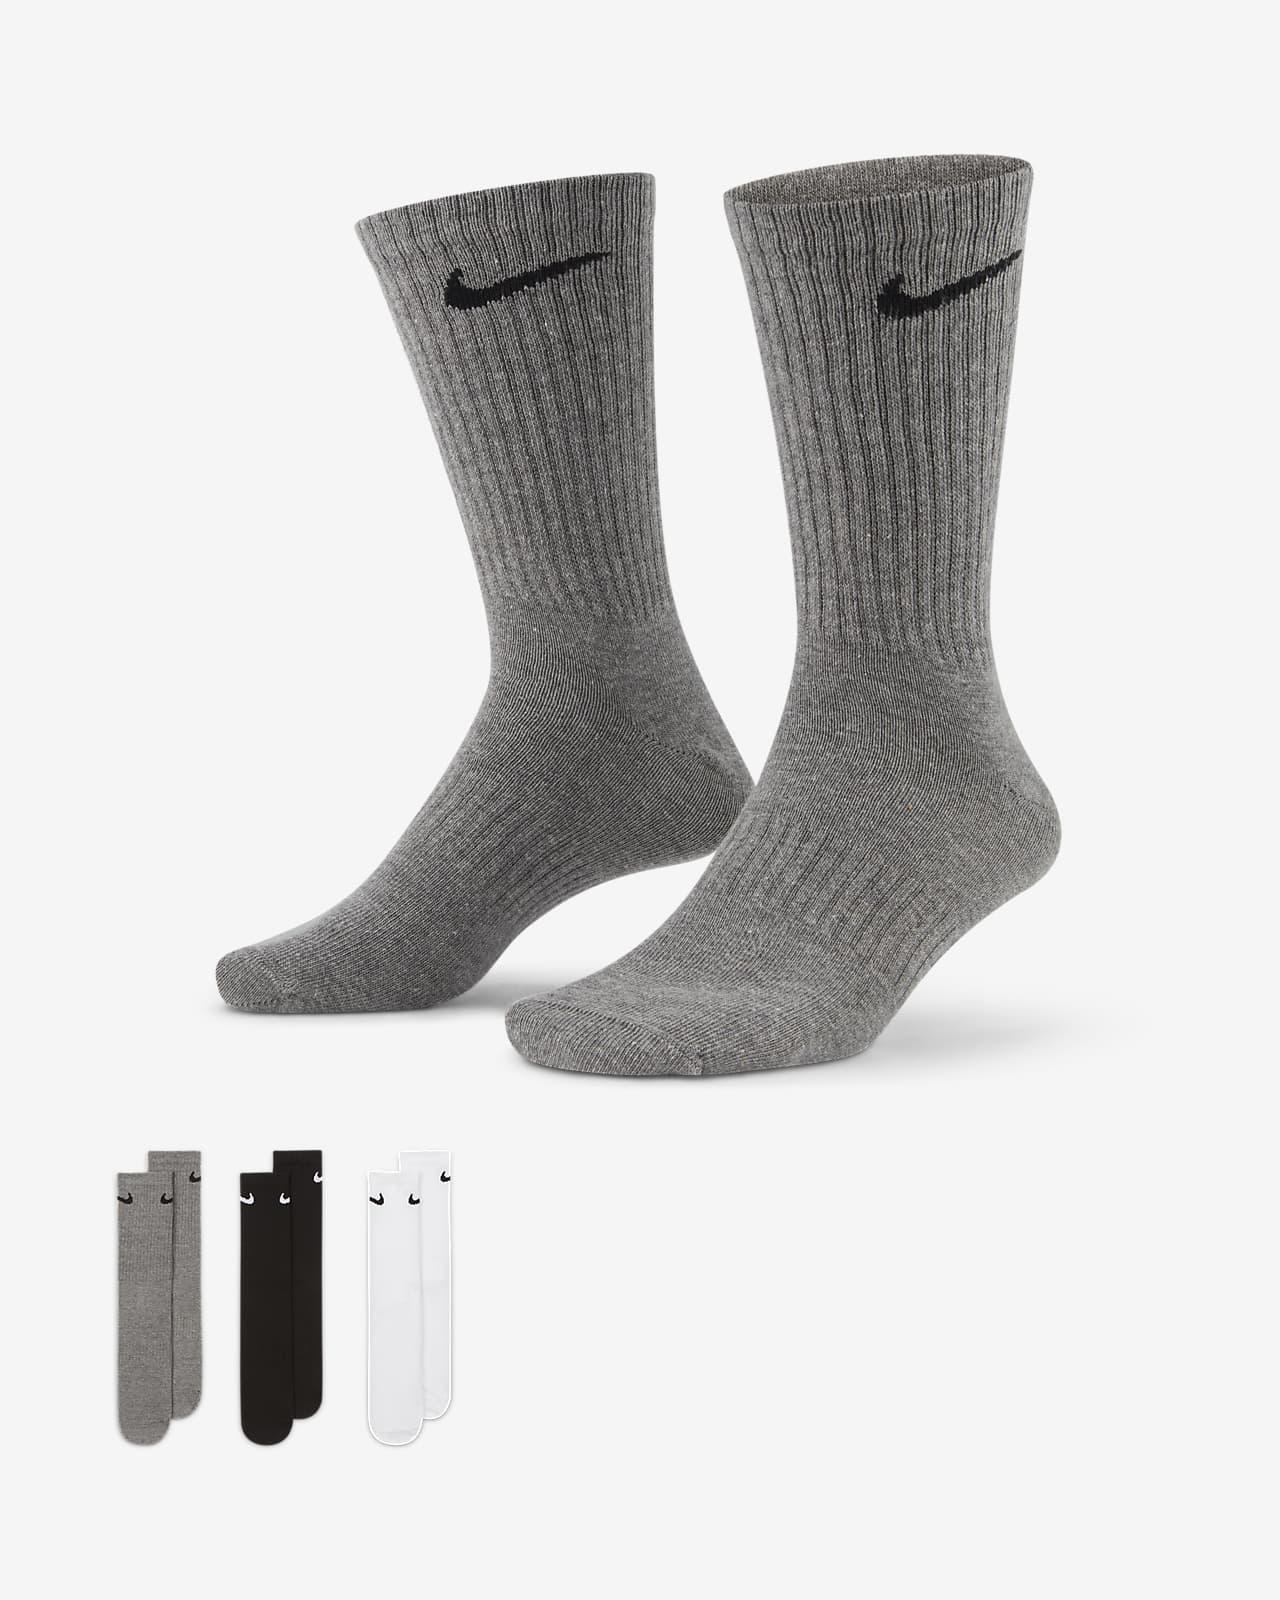 Calcetines de 3/4 de entrenamiento Nike Everyday Lightweight (3 pares)